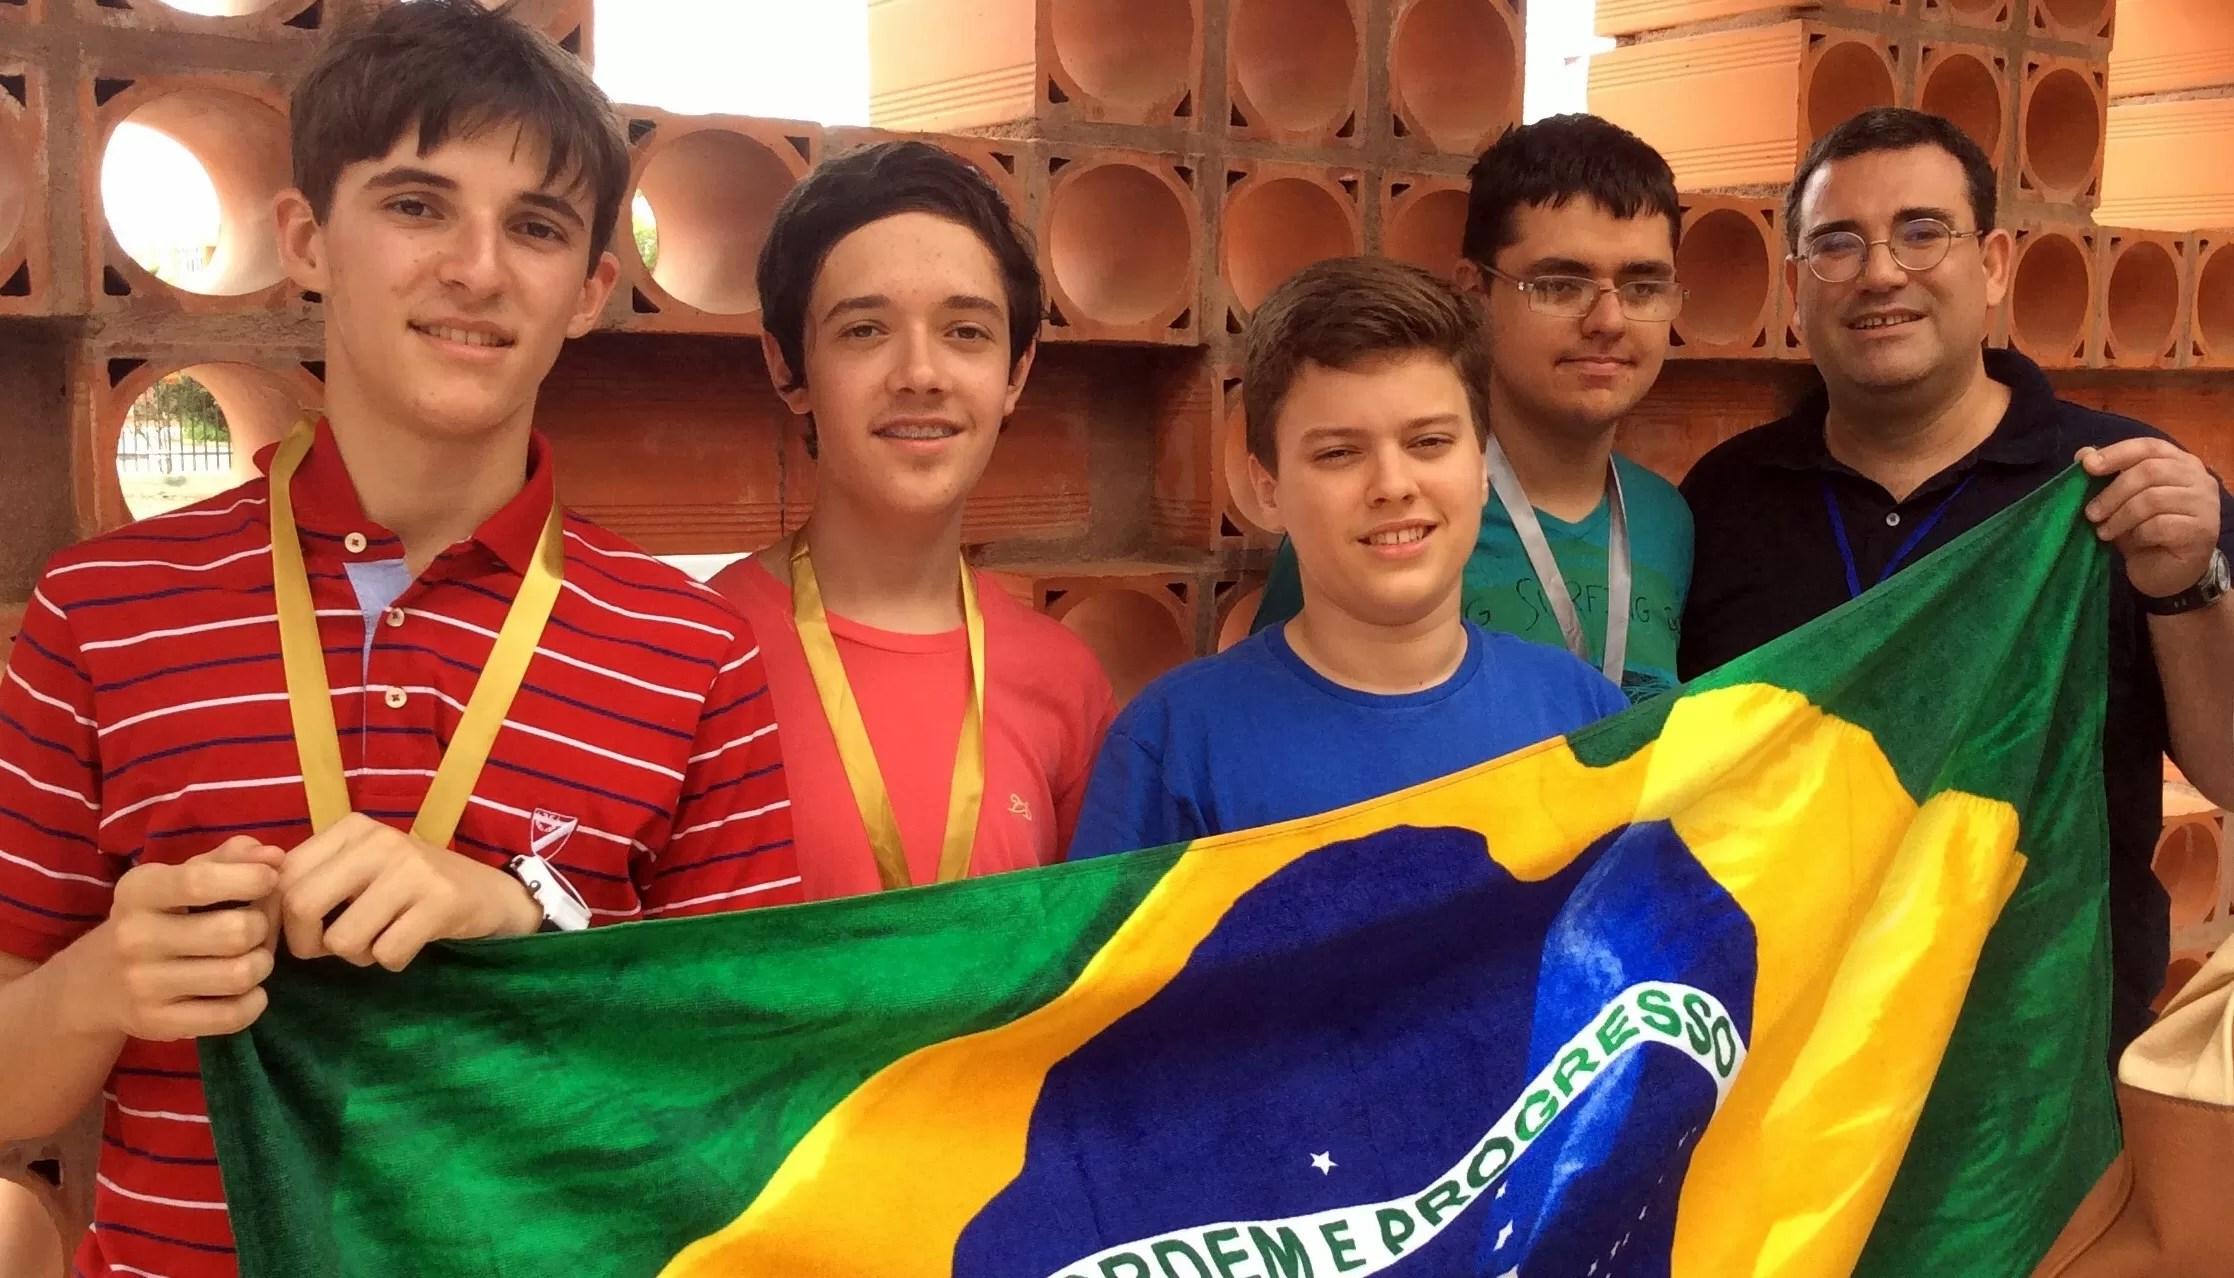 Brasileiros conquistaram um total de 154 pontos de 168 possíveis na competição (Foto: Divulgação)